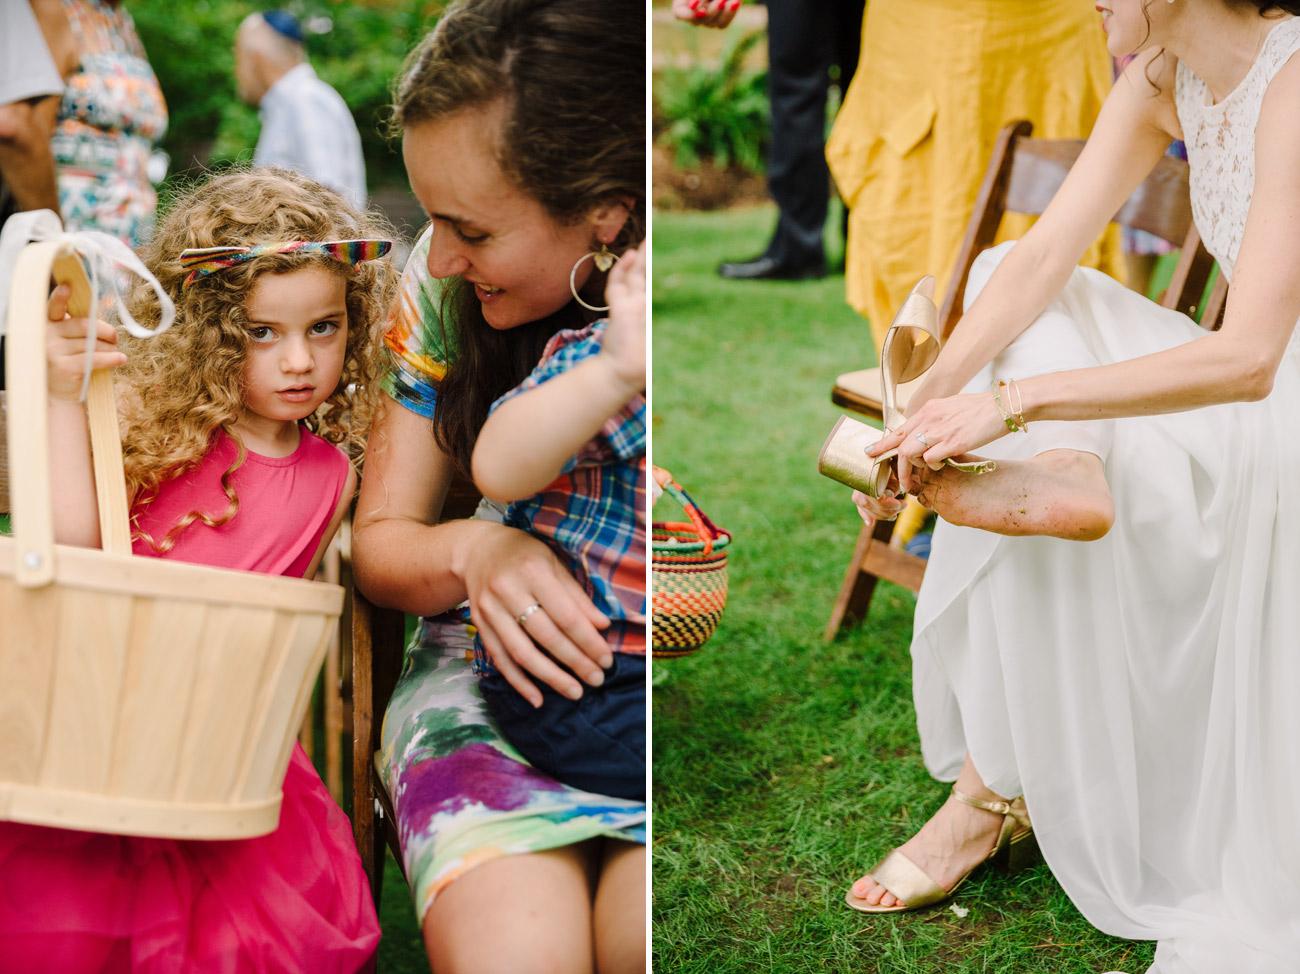 capecod_backyard_wedding_photos_mikhail_16.JPG